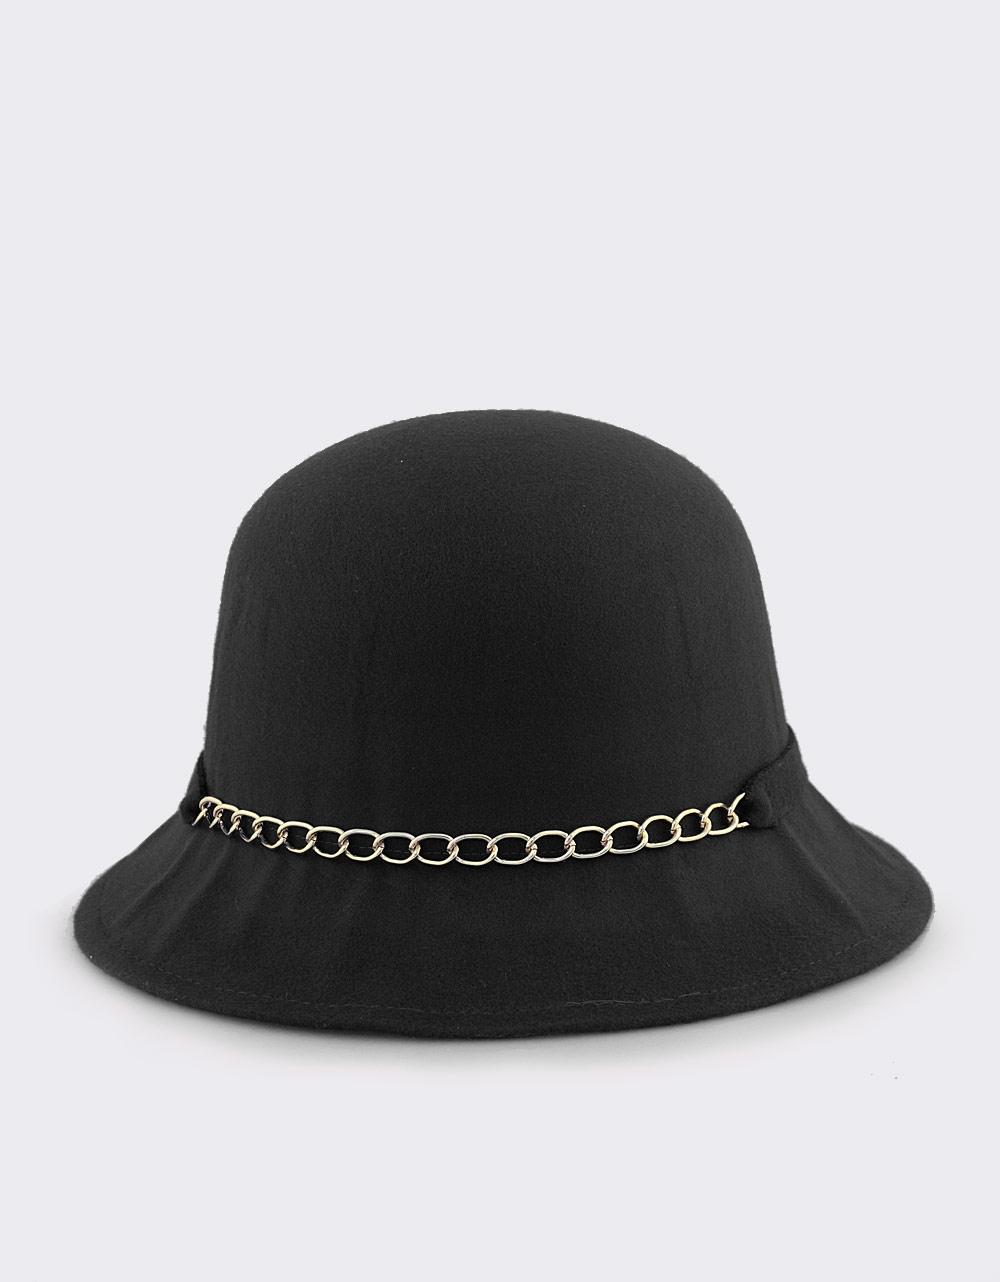 Εικόνα από Καπέλα με διακοσμητική αλυσίδα και φιόγκο Μαύρο